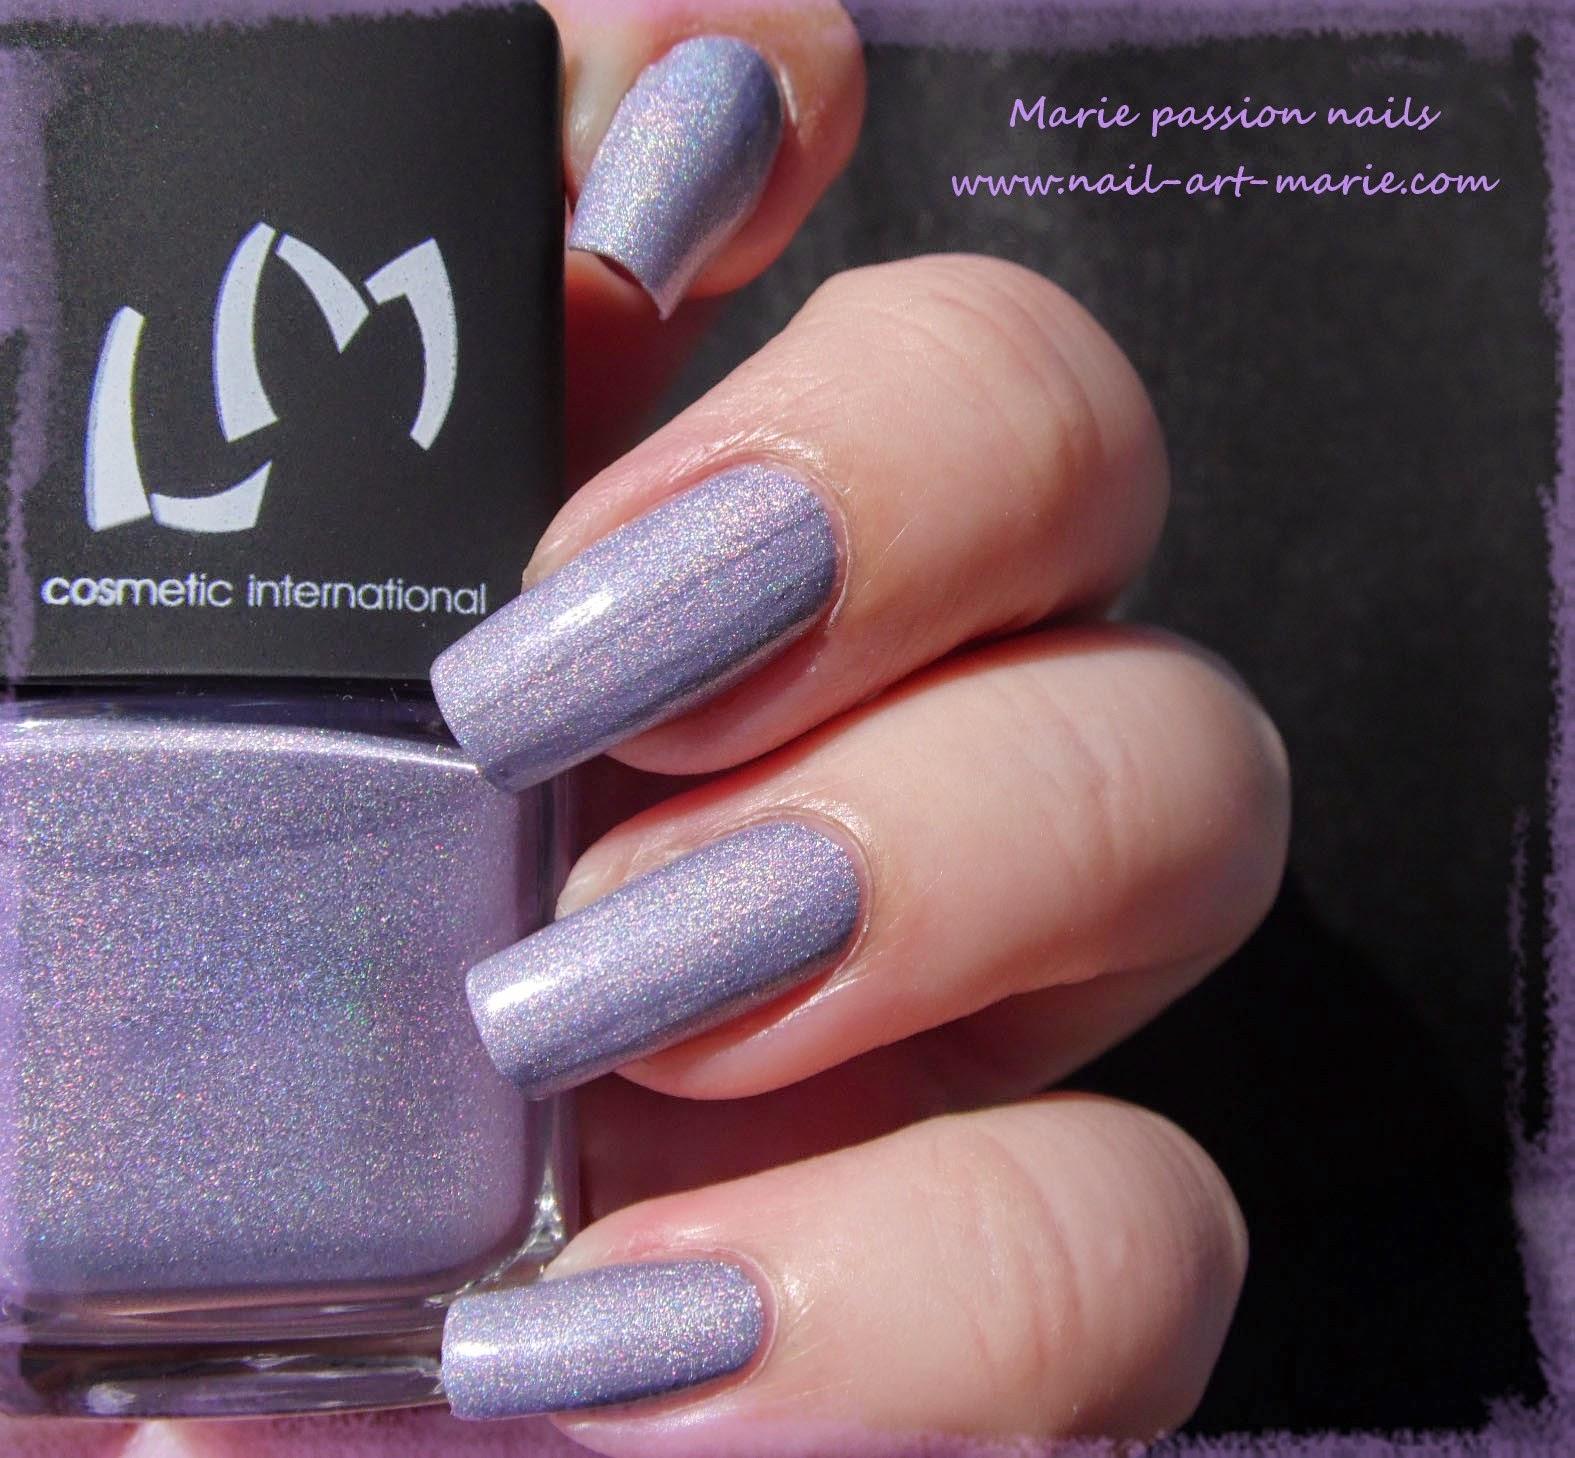 LM Cosmetic Arabesque3